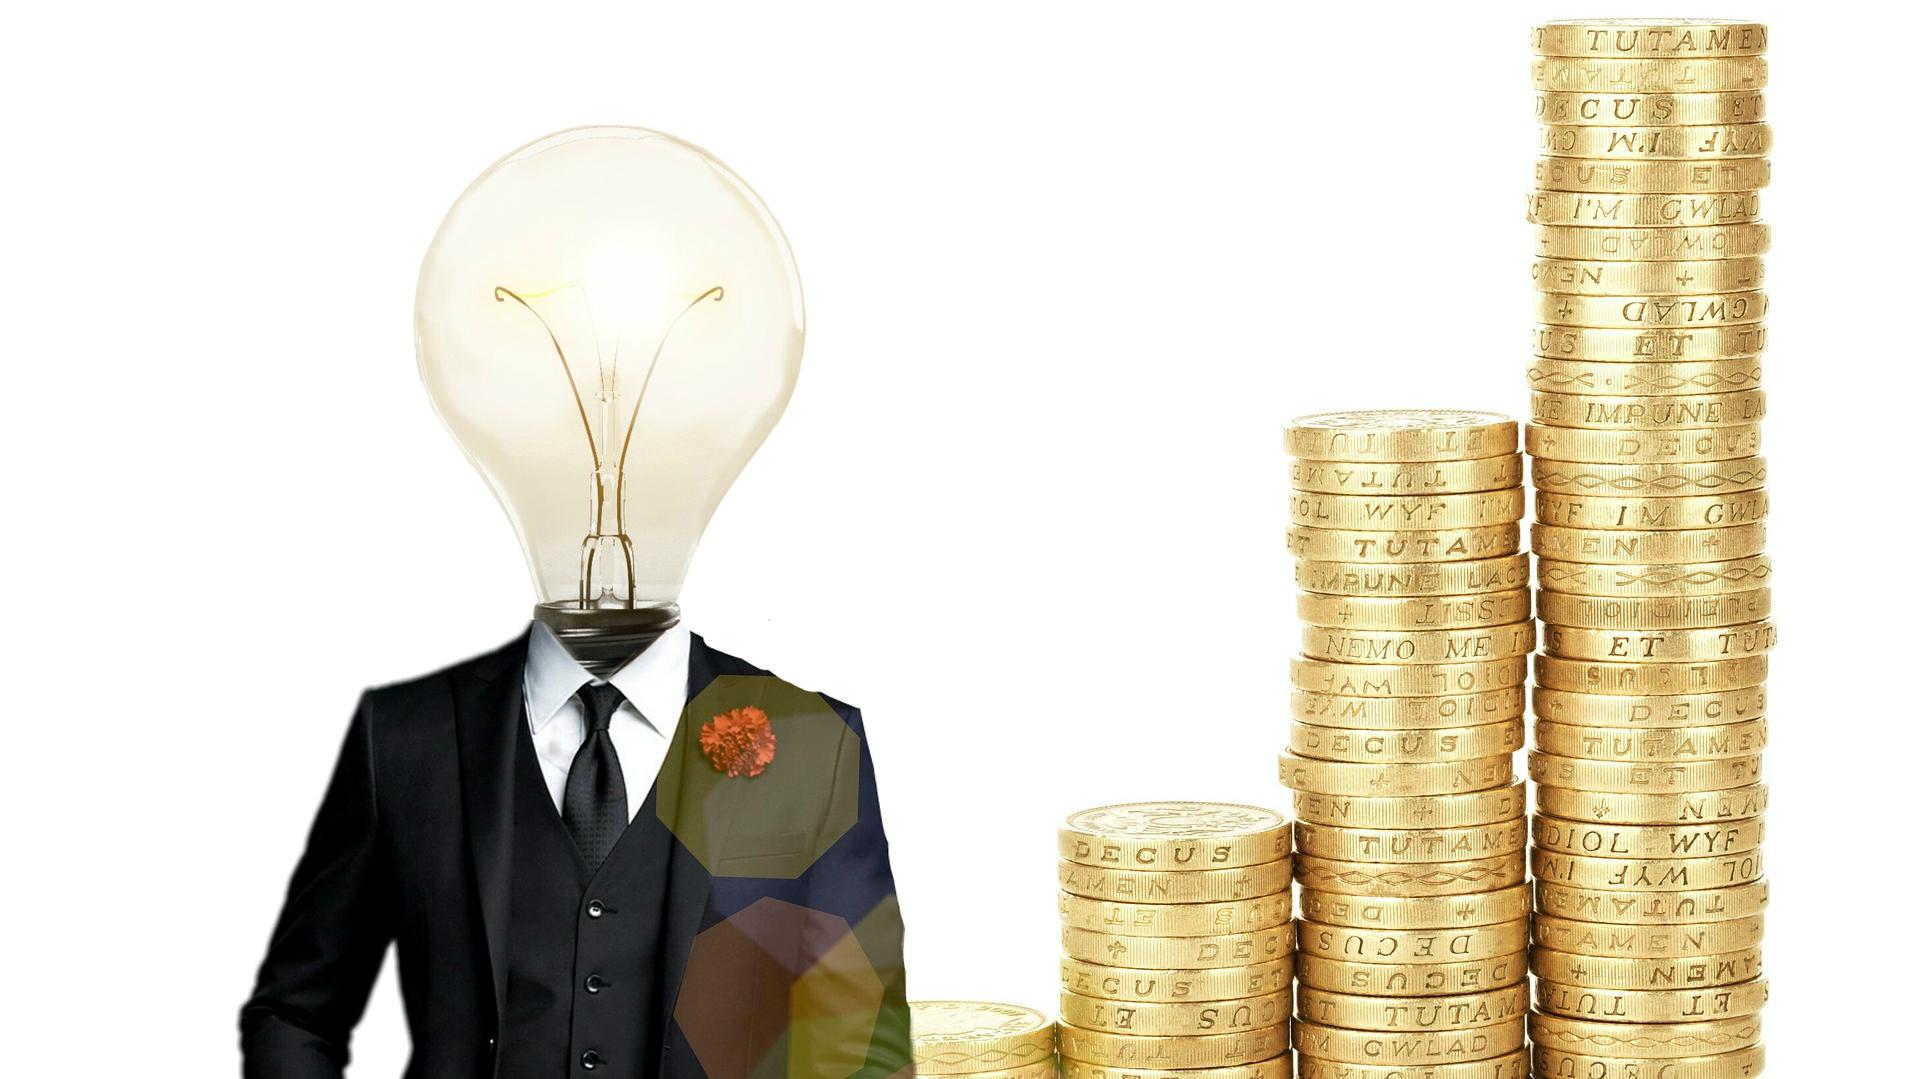 kā jūs varat nopelnīt biznesa idejas